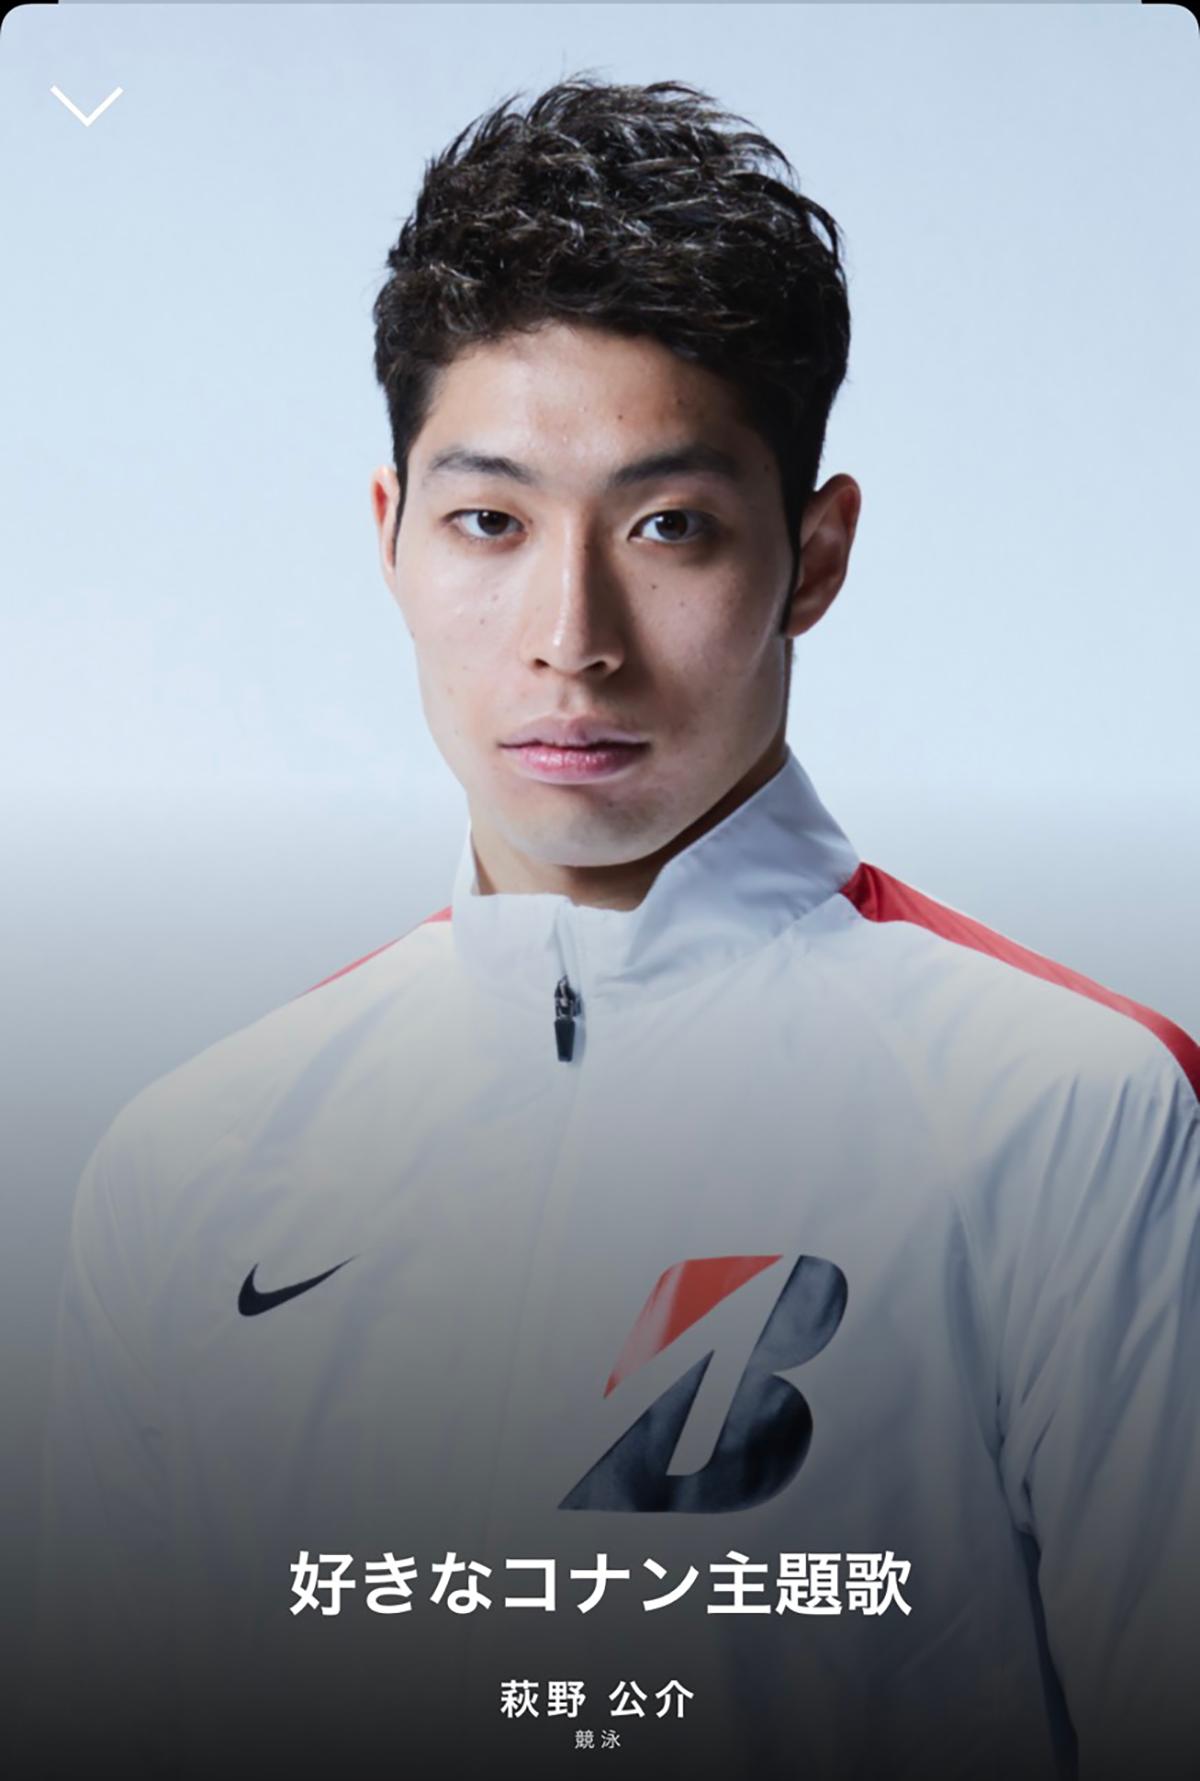 「NowVoice」でB'z「ギリギリchop」について語った萩野公介選手